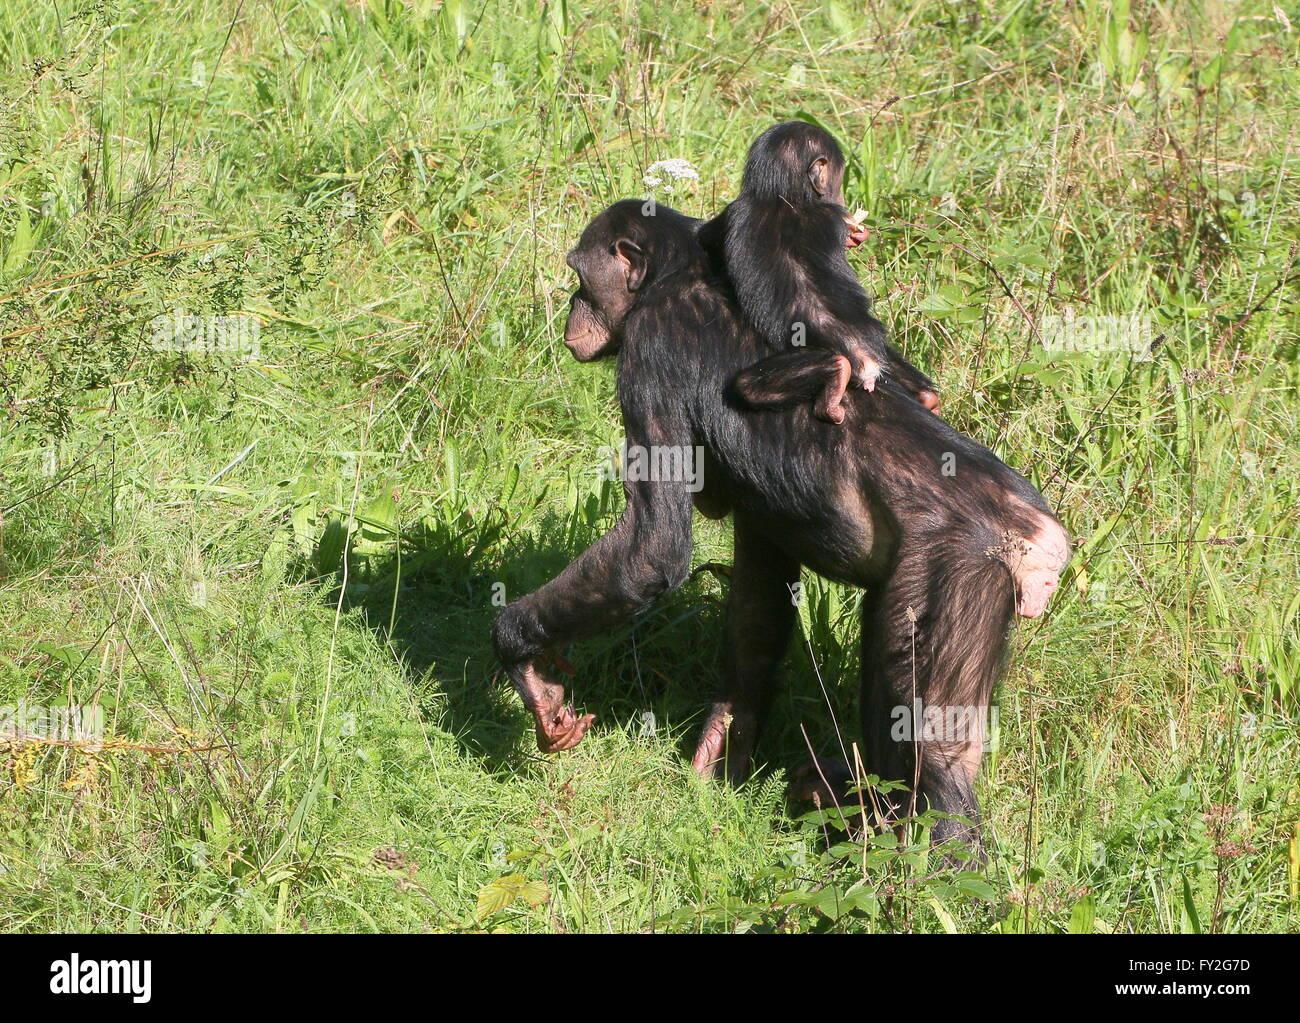 Madre África chimpancés bonobo (Pan paniscus) caminando con su bebé jovencito sobre su espalda Imagen De Stock